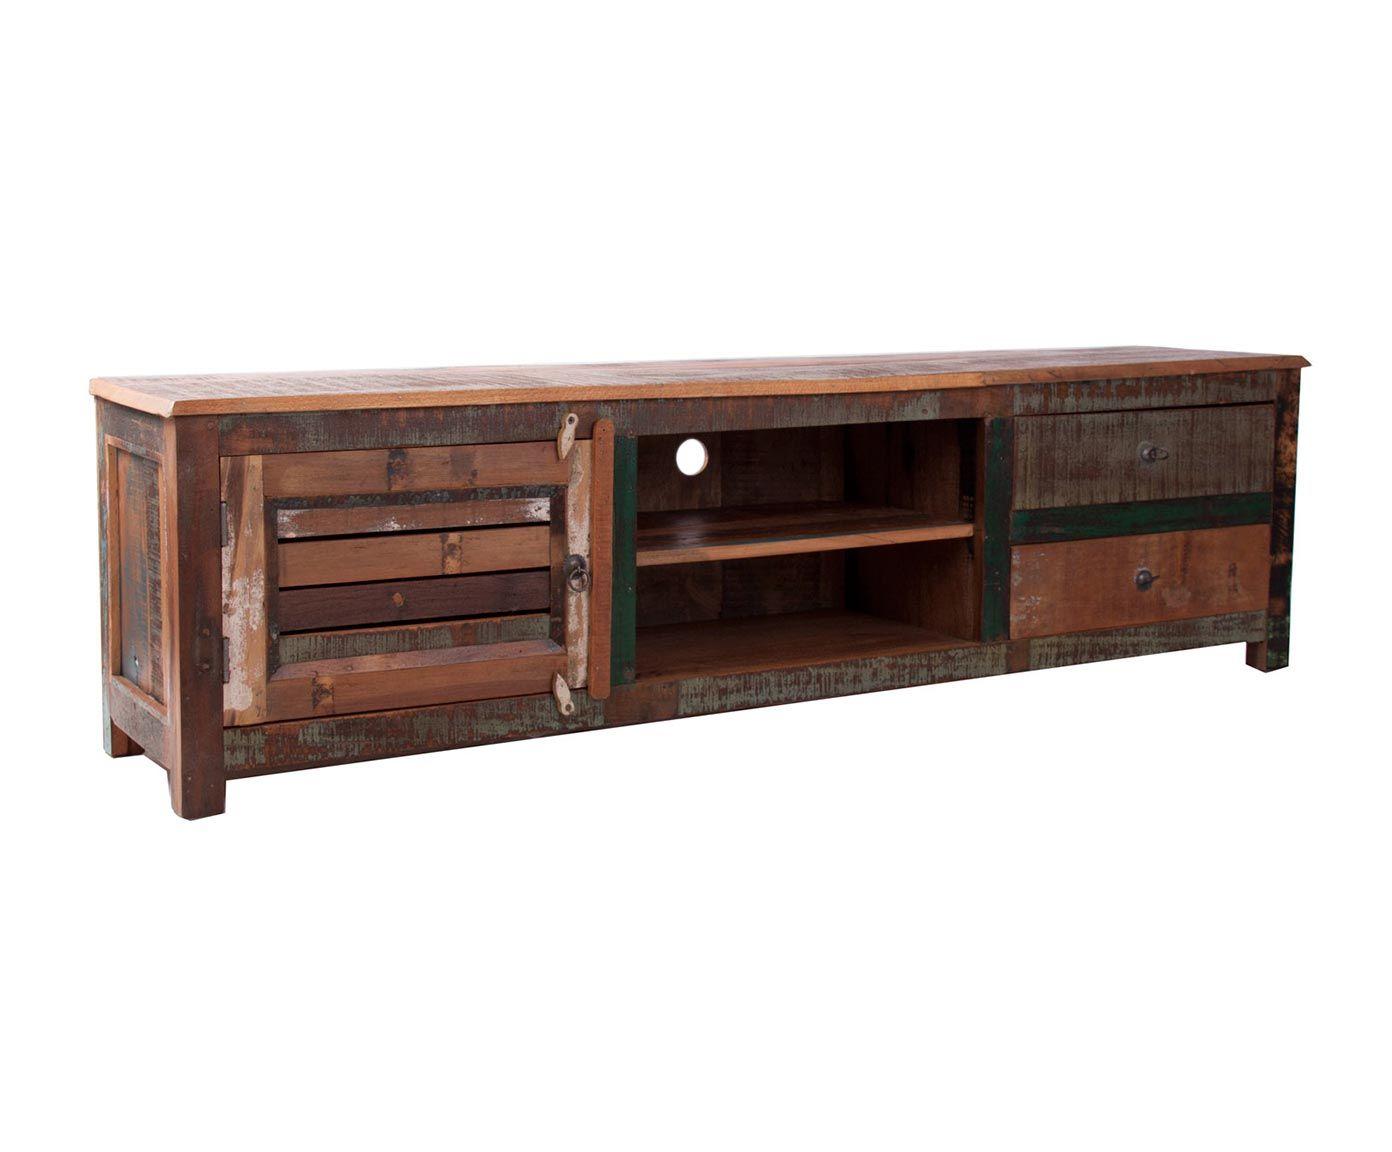 Mueble de tv en madera de teca natural decapado home - Muebles de madera teca ...